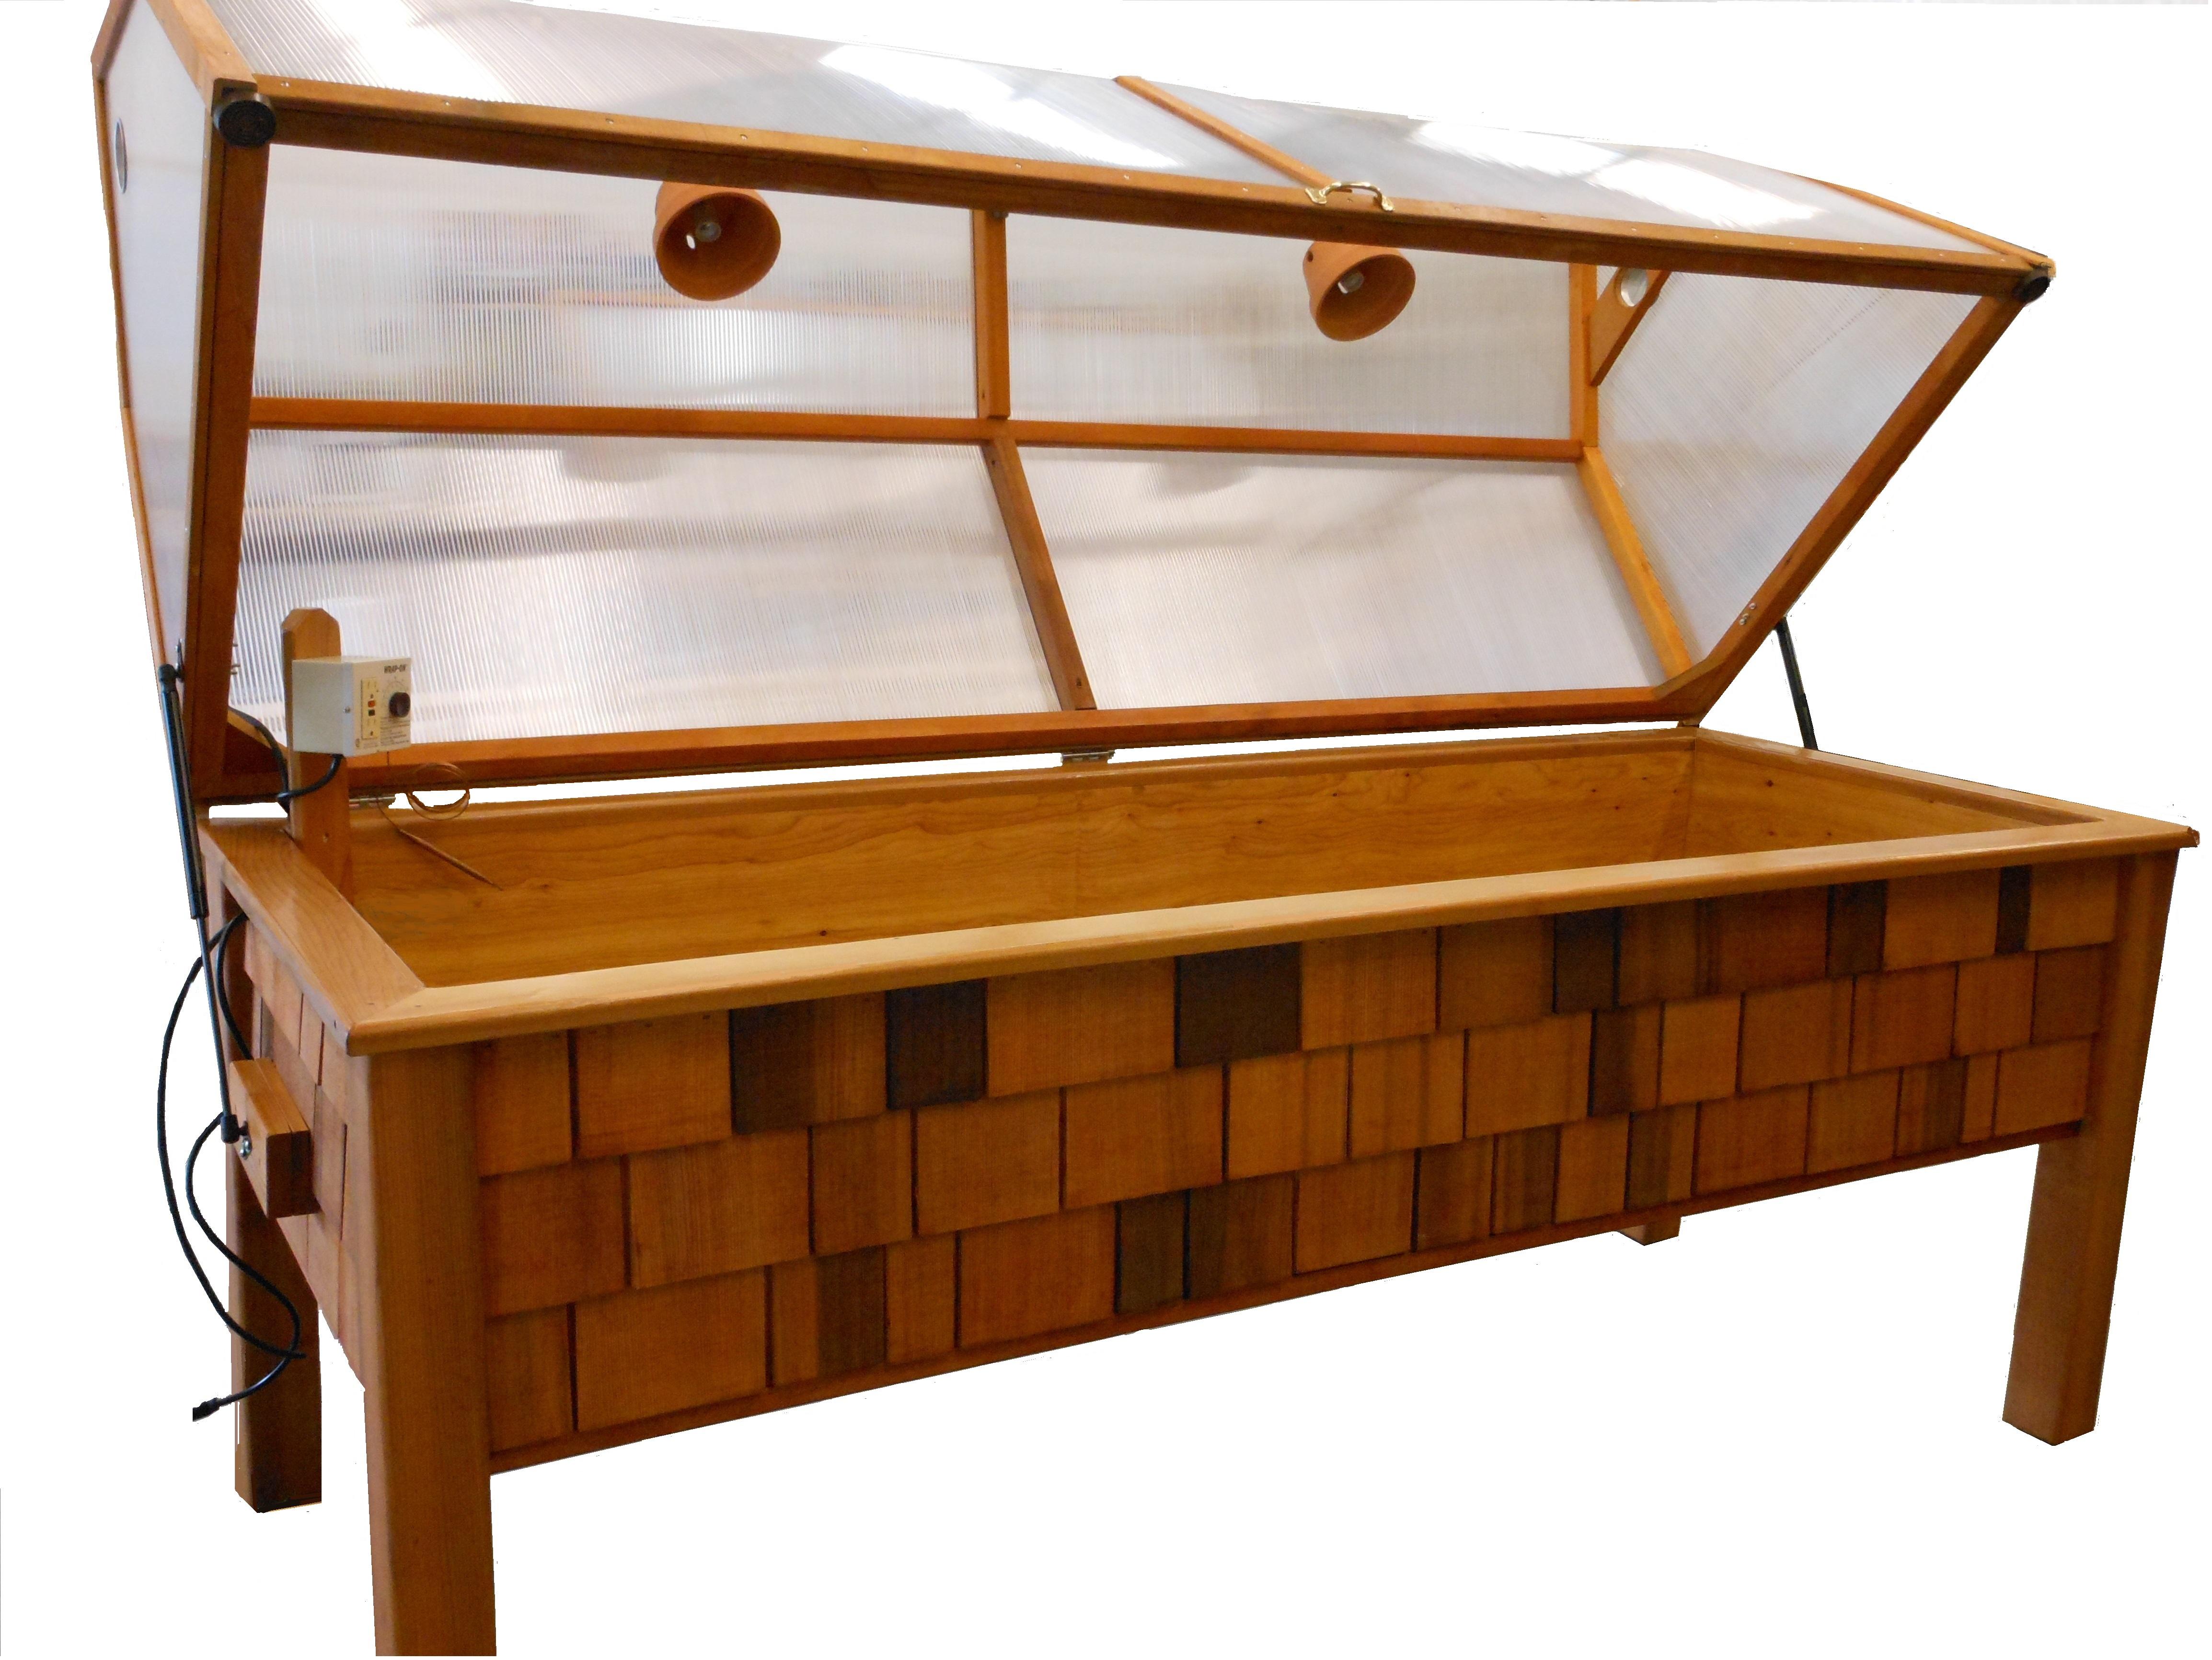 Waist High Garden Beds Home Of Home Design